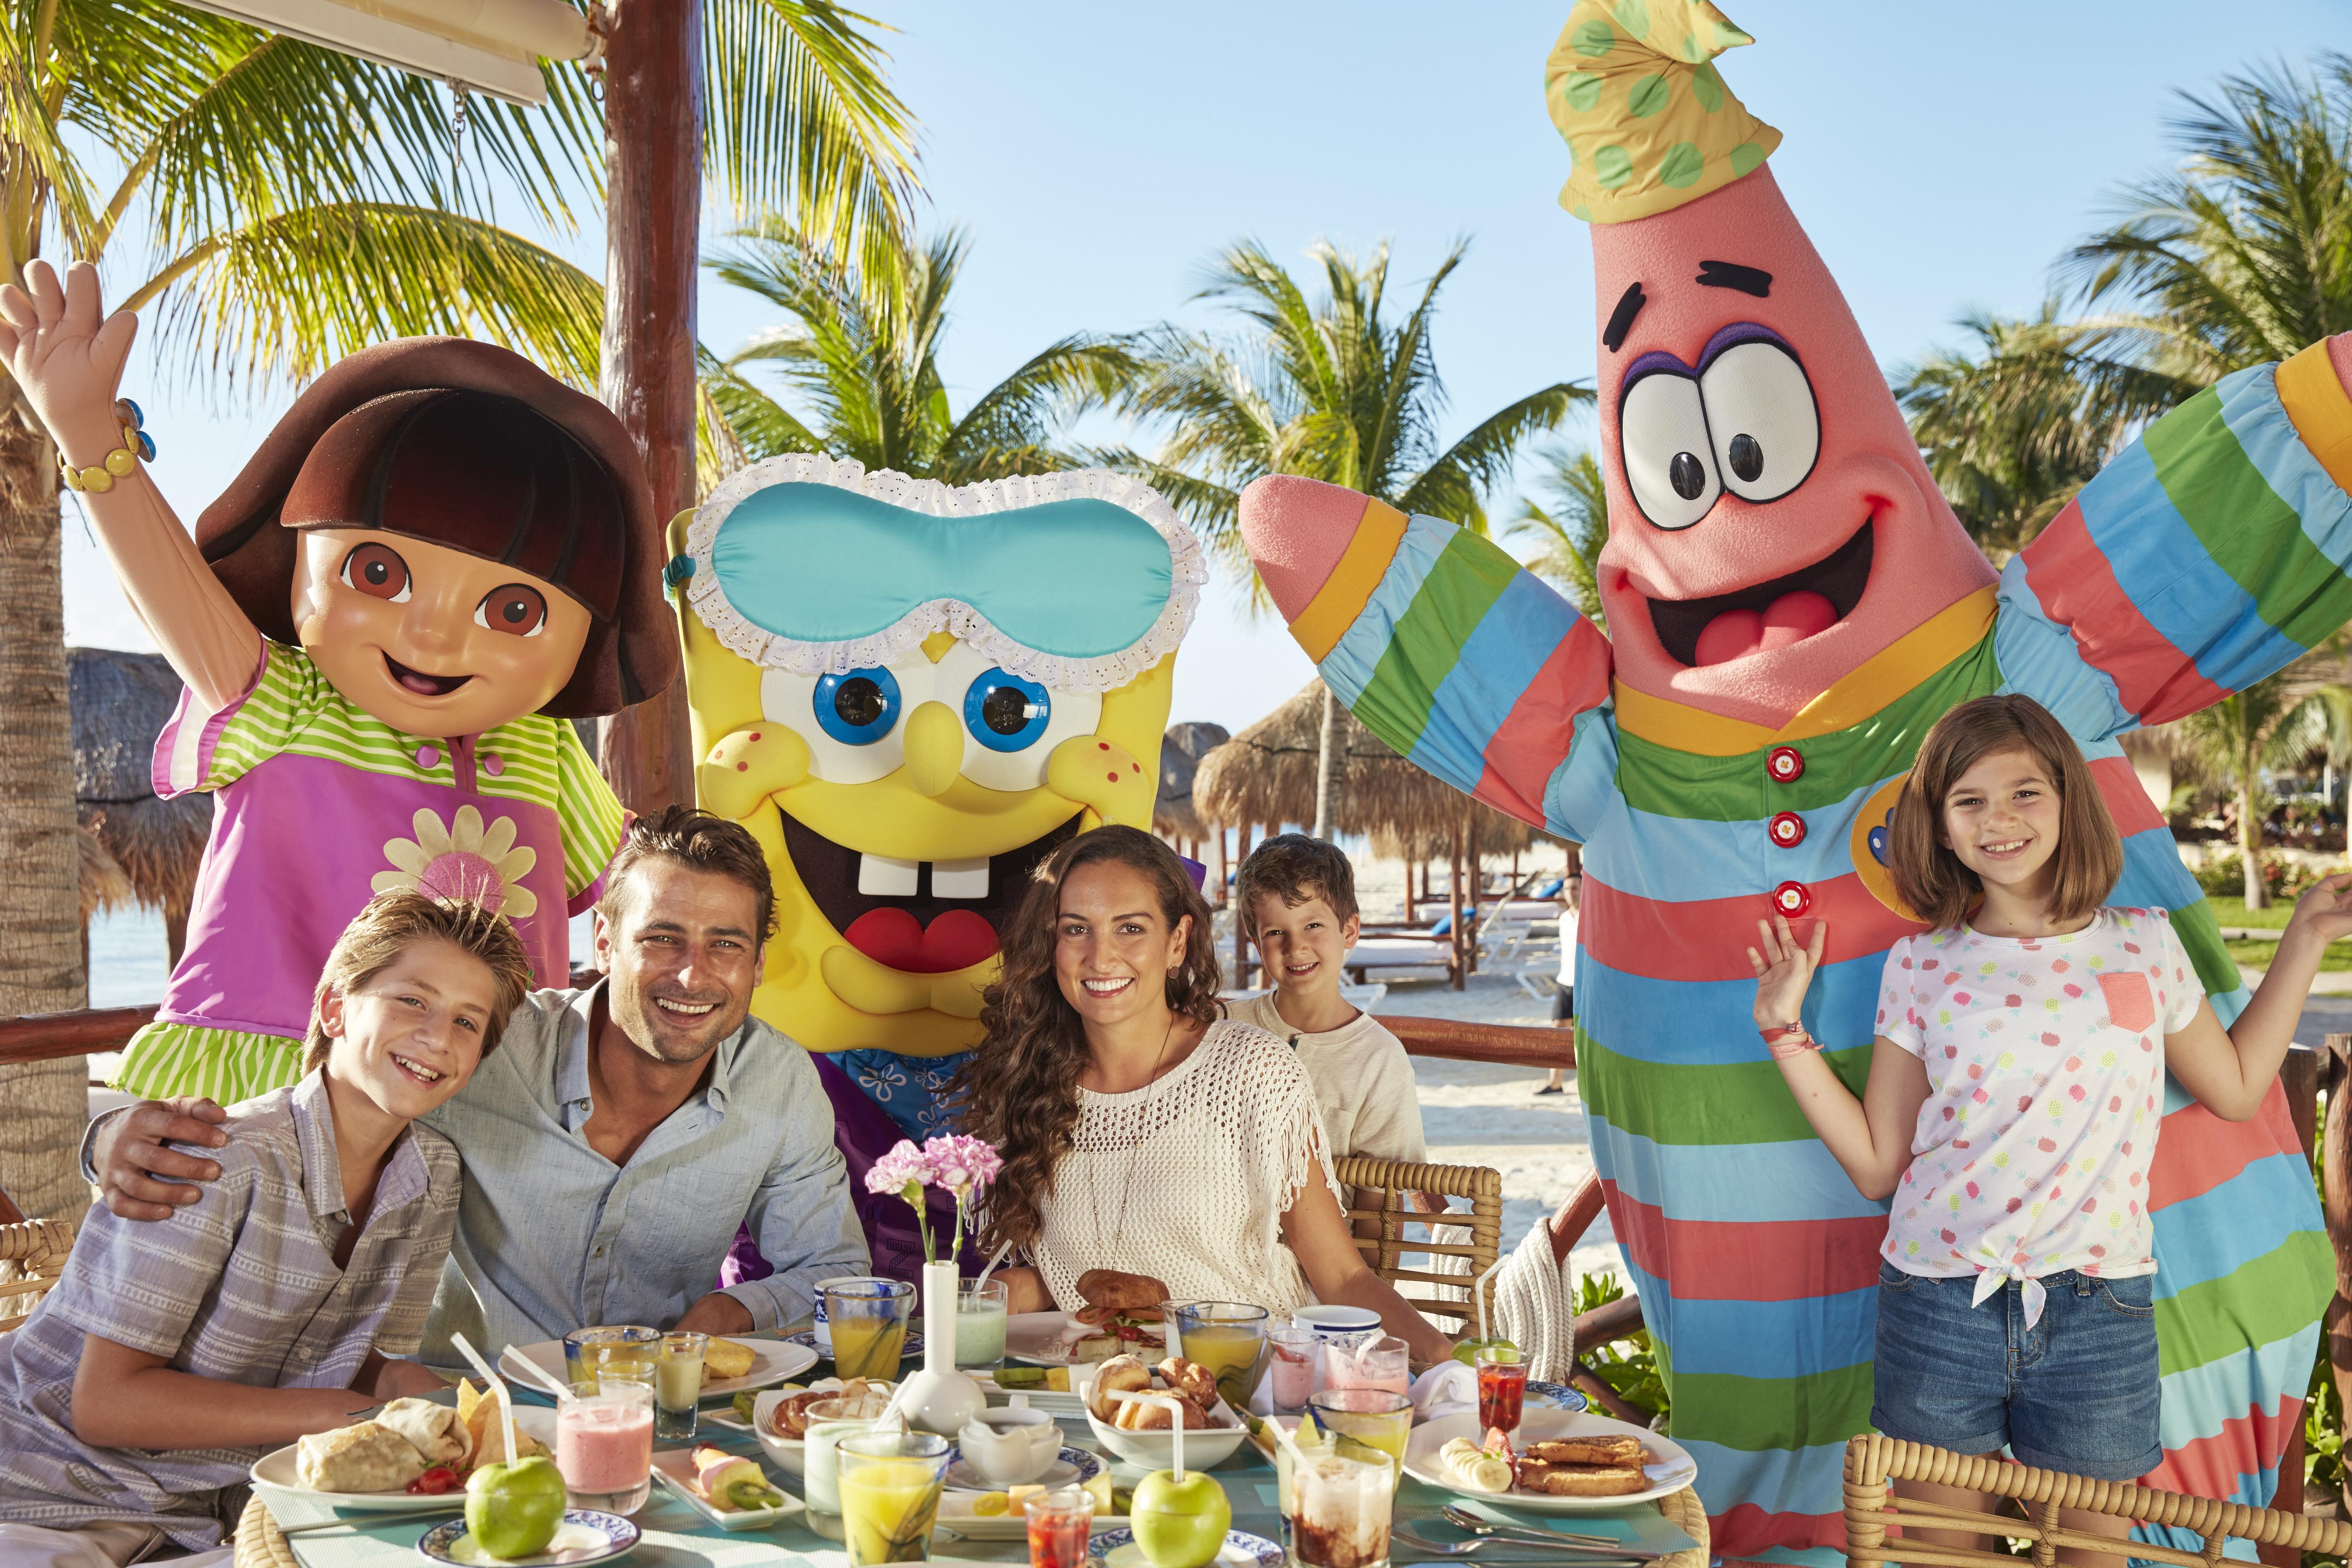 Nickelodeon Hotel & Resort Punta Cana